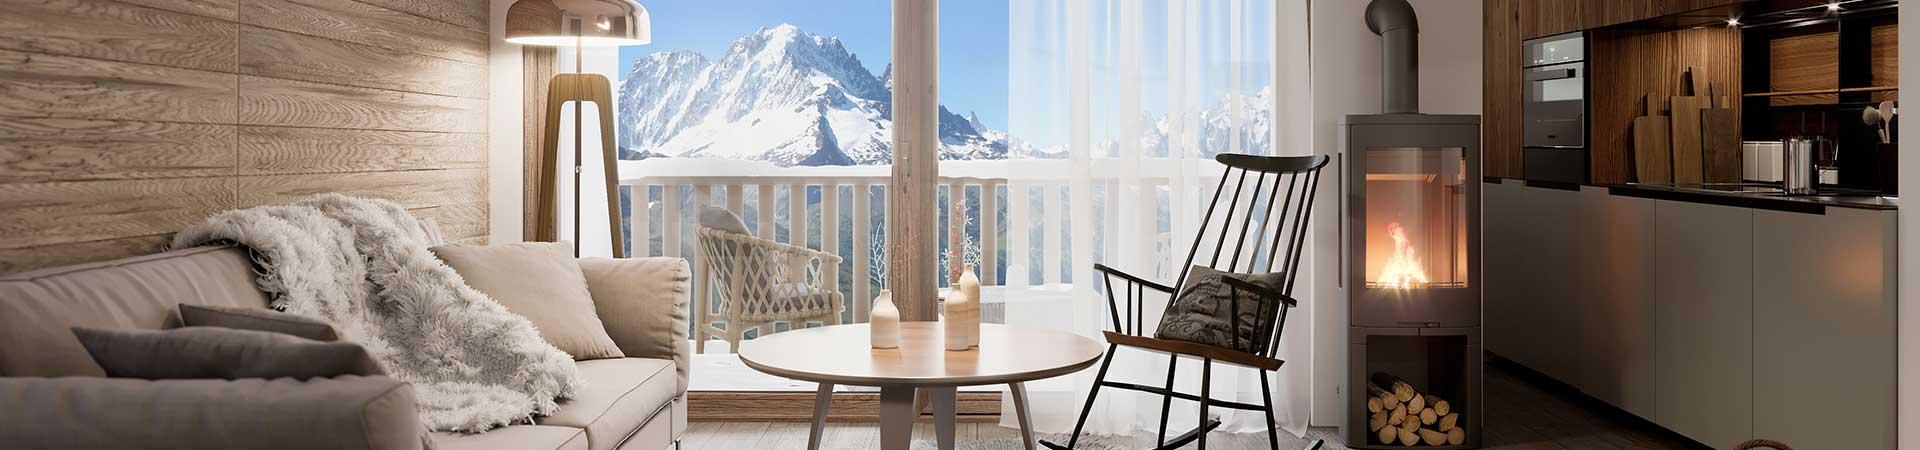 Vip Ski Resort